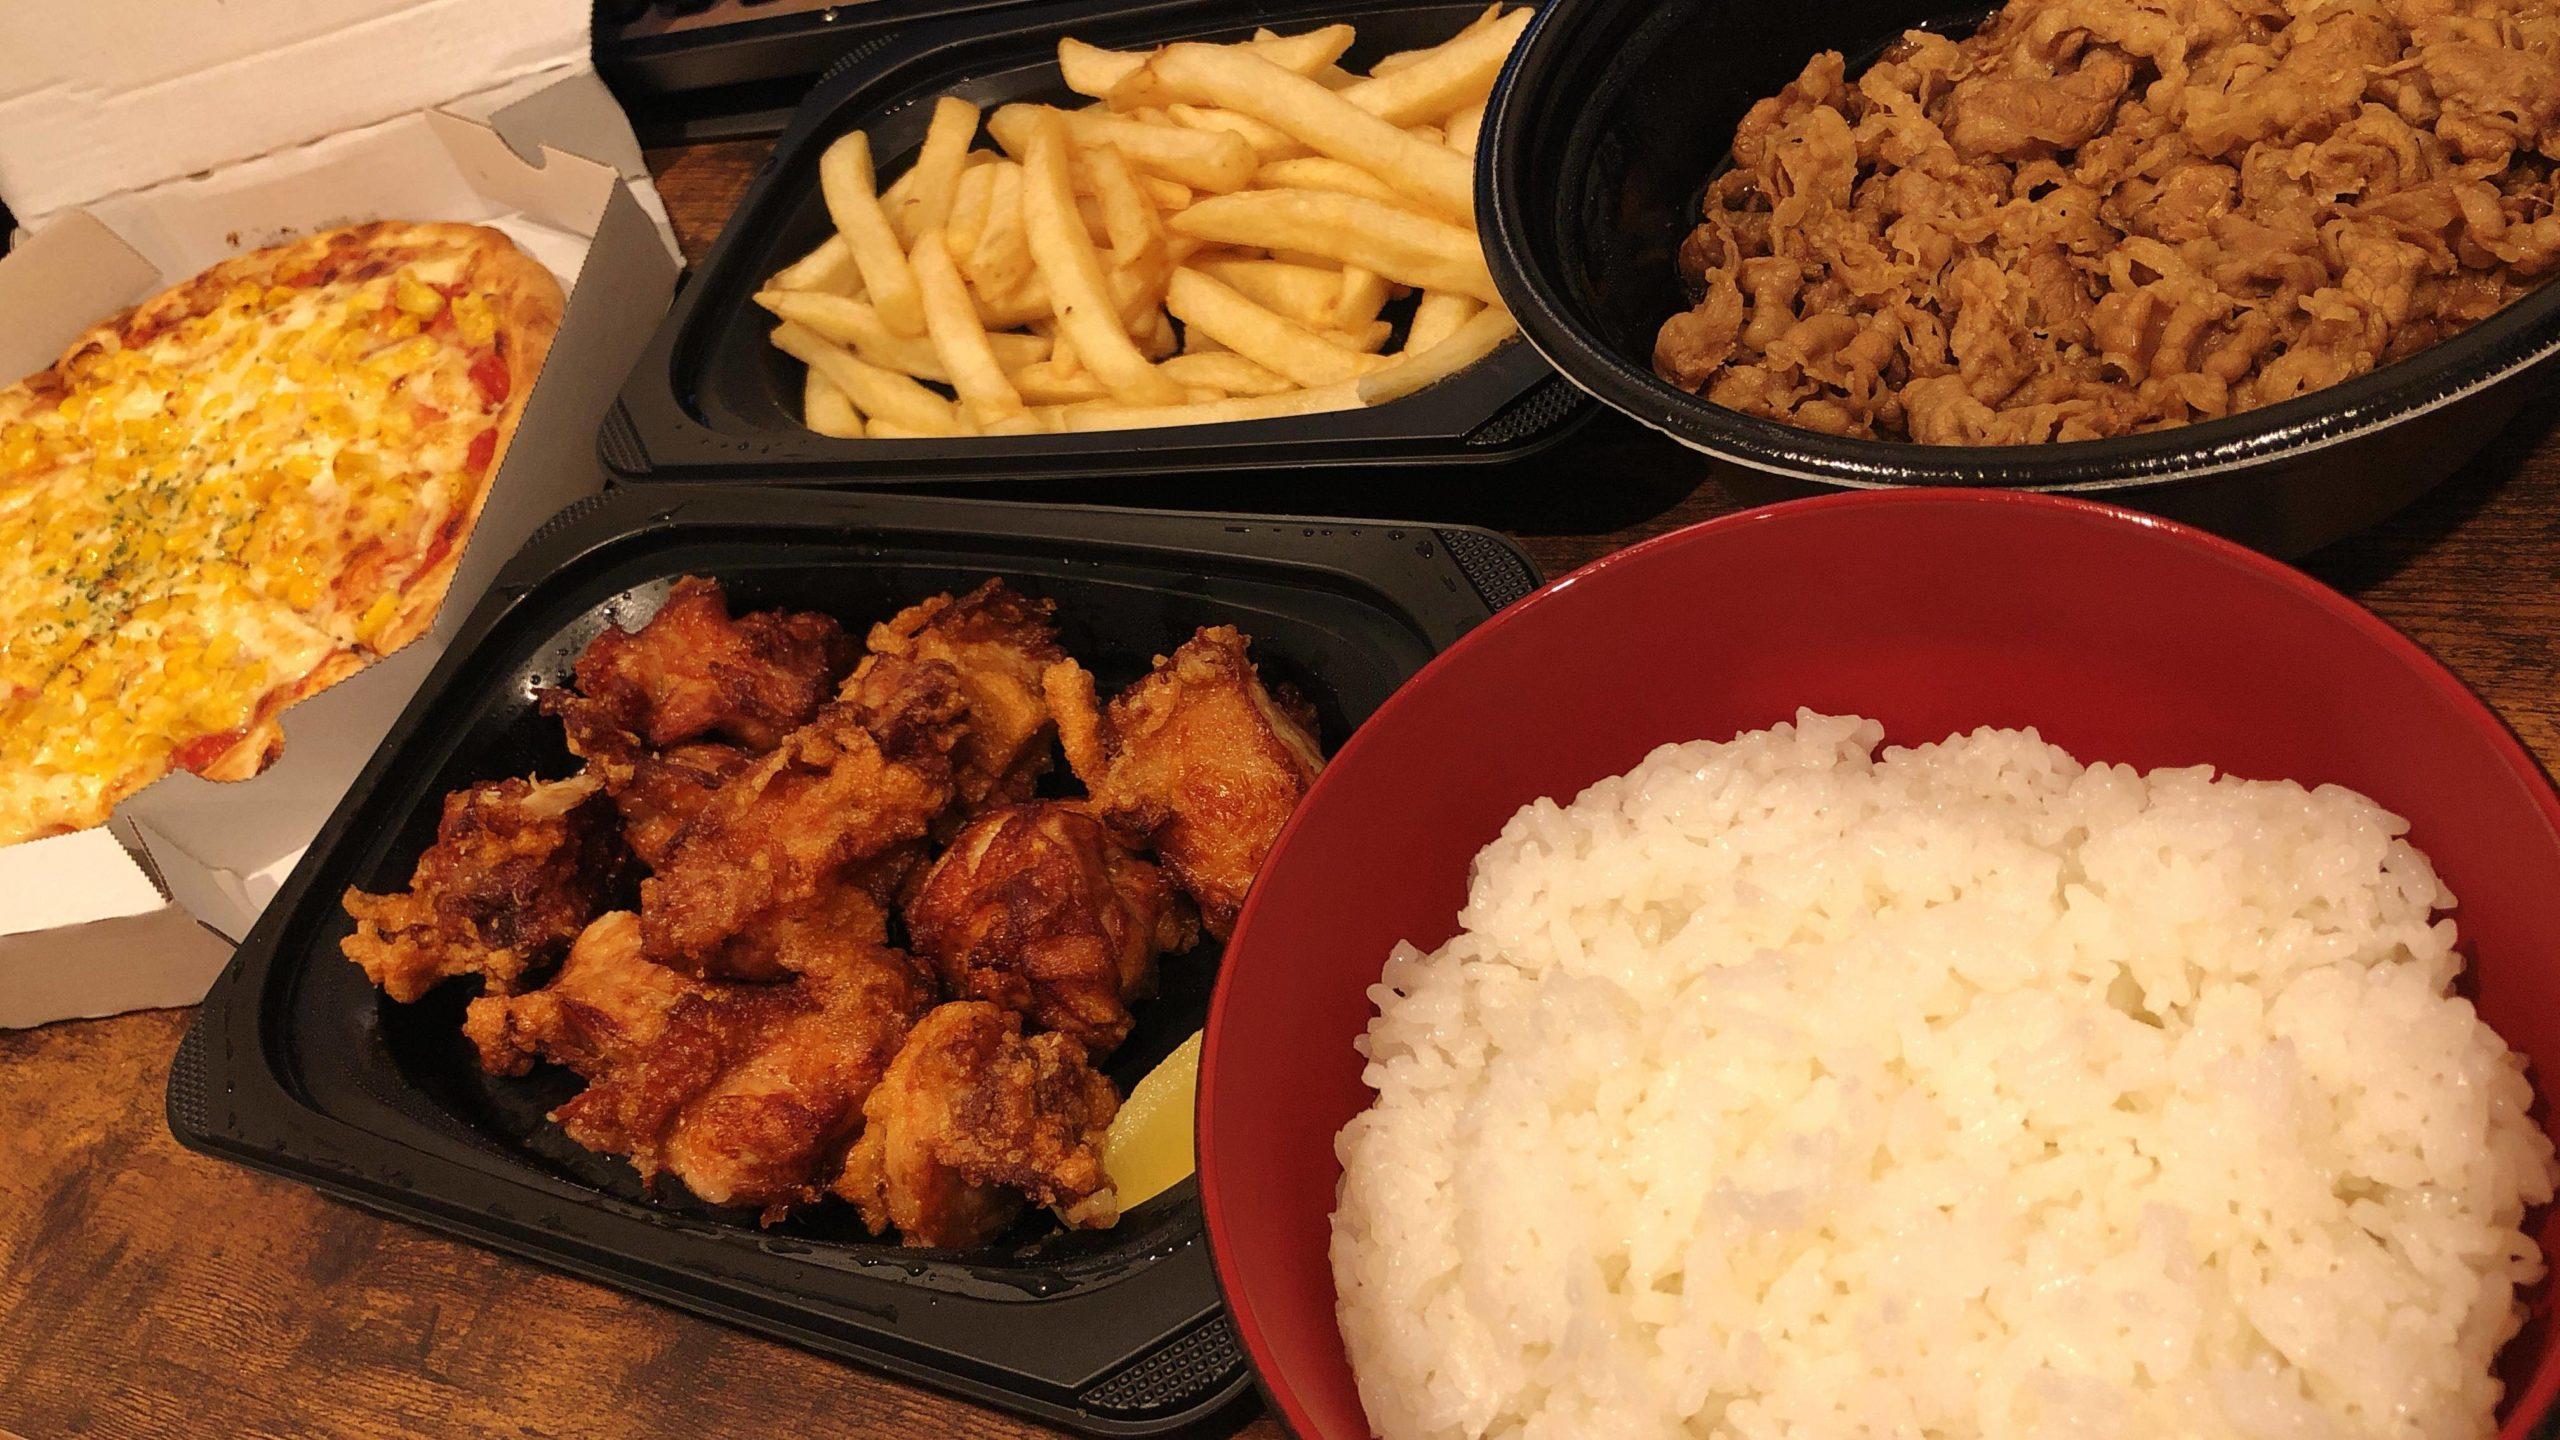 【画像】ど底辺おれの夜ご飯の食べ方wwww